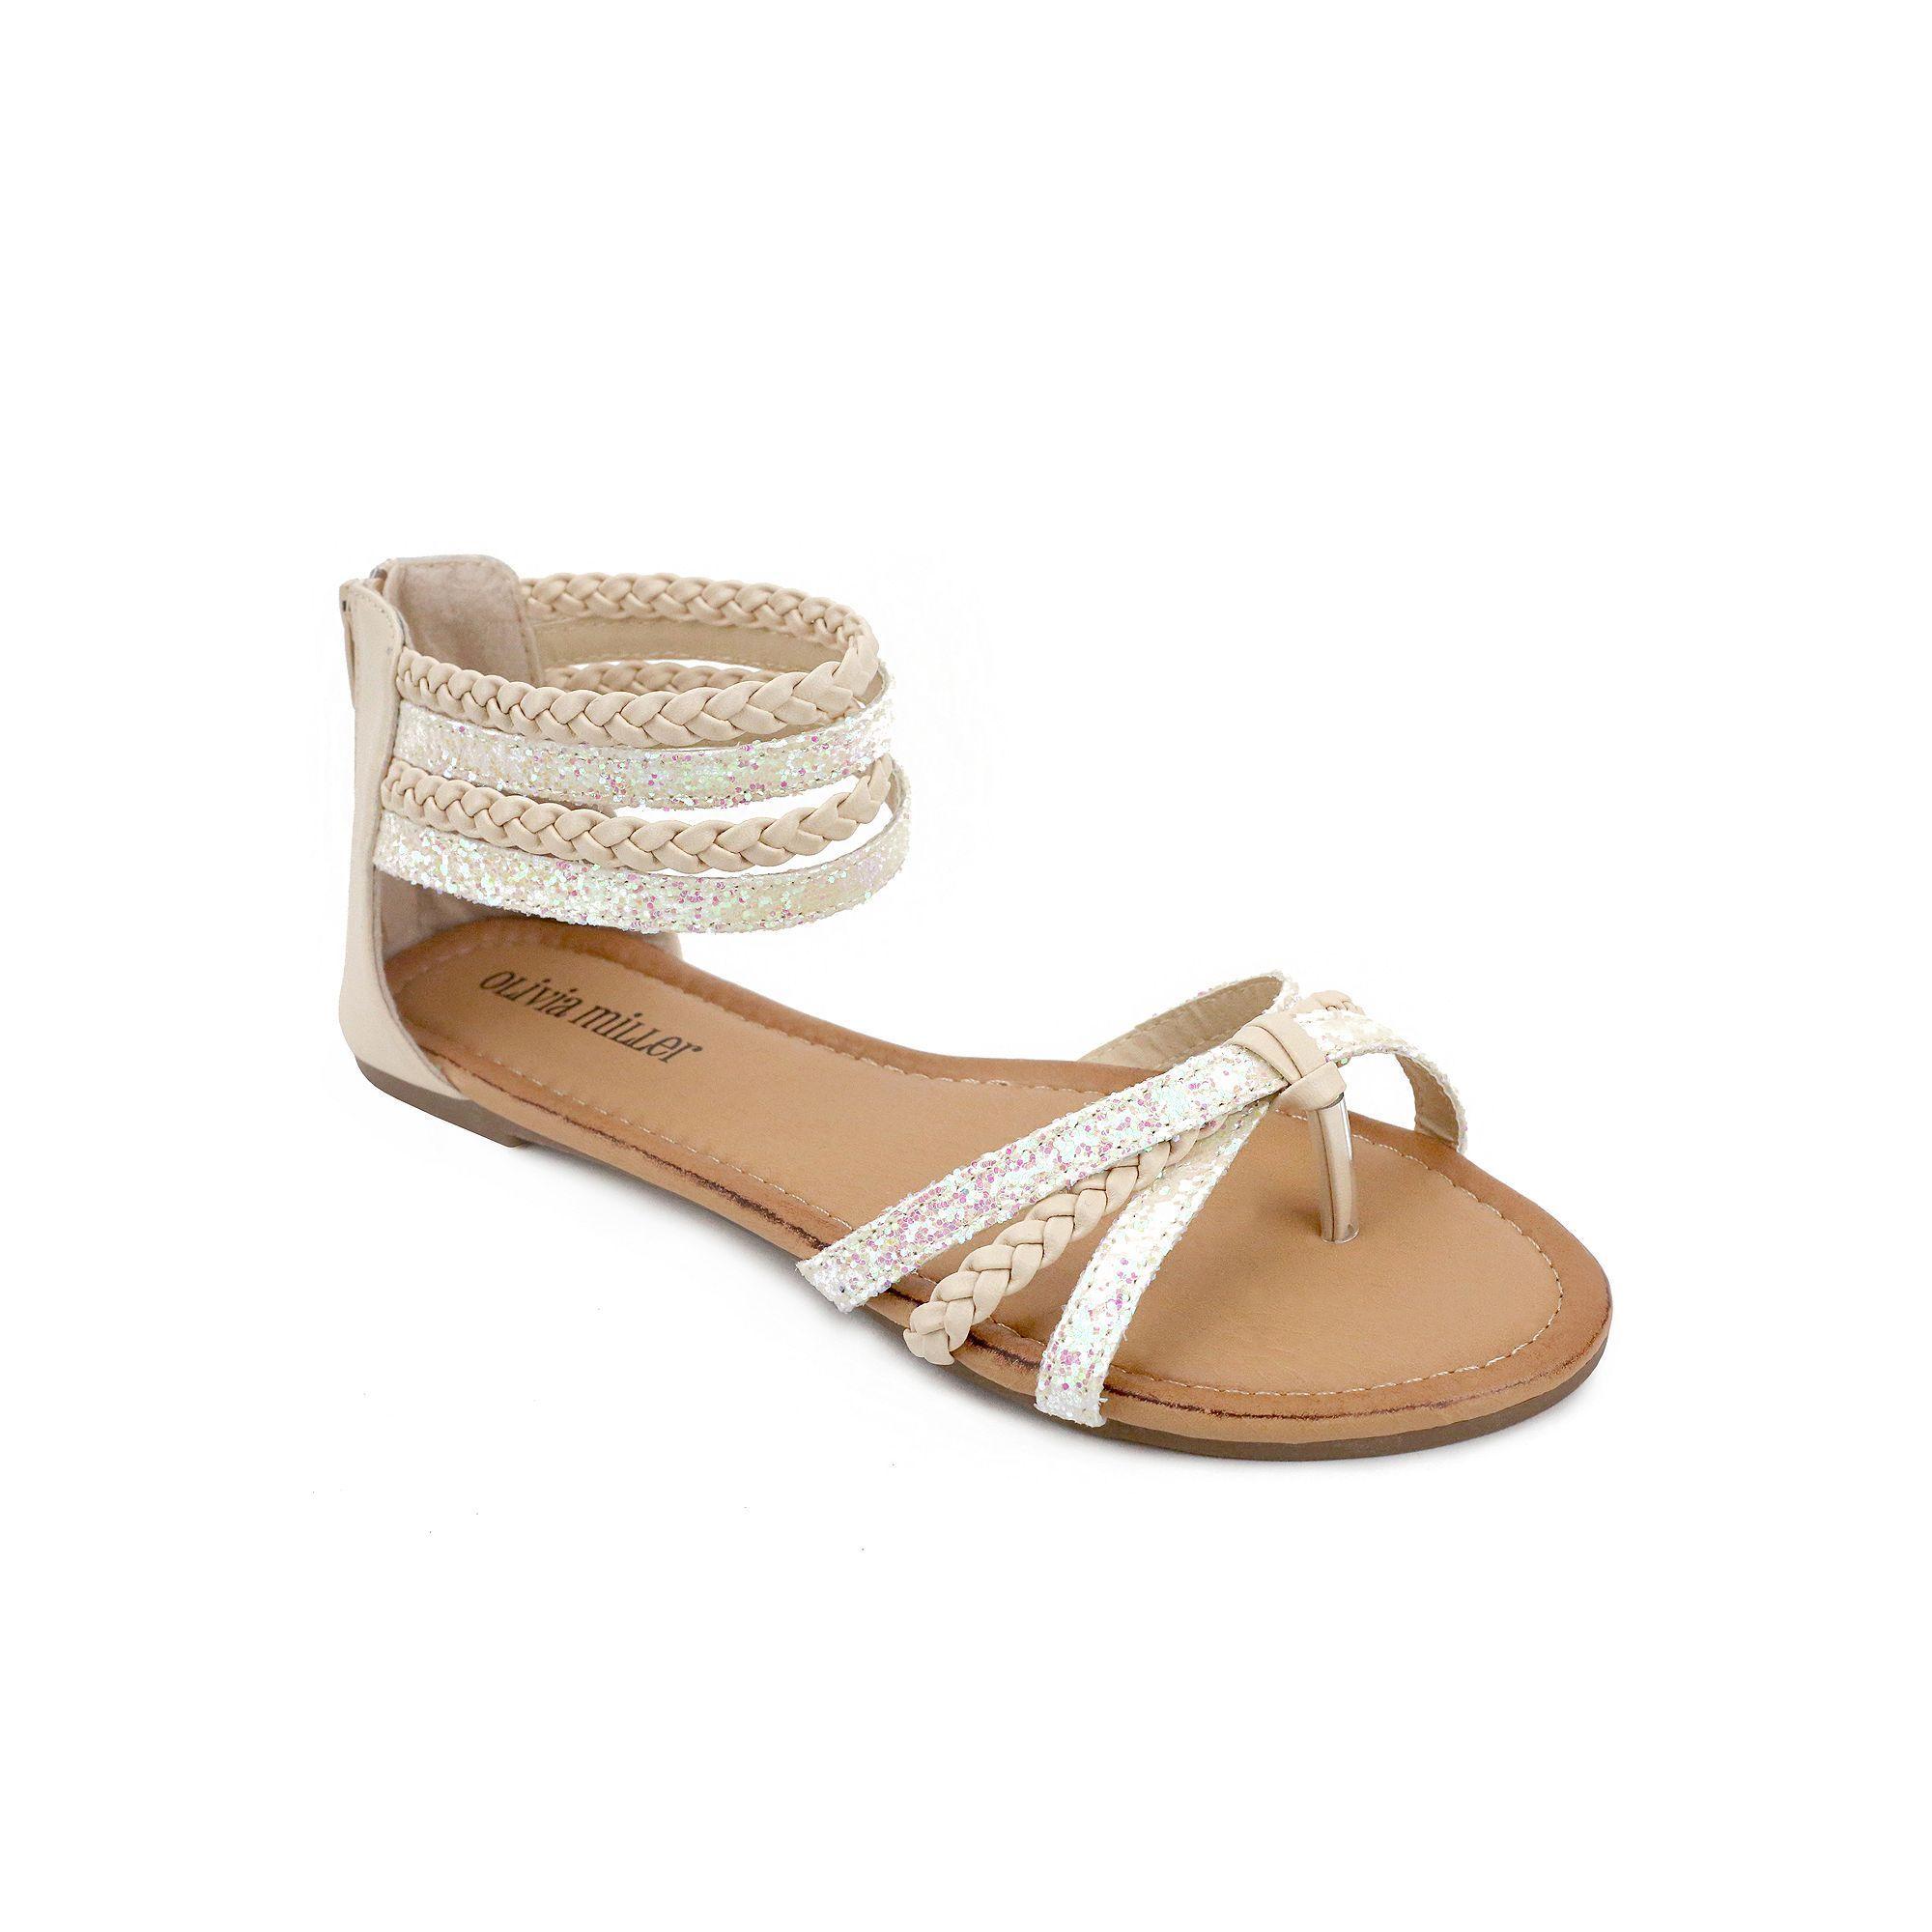 7129e67c391190 Olivia Miller Tara Women s Sandals